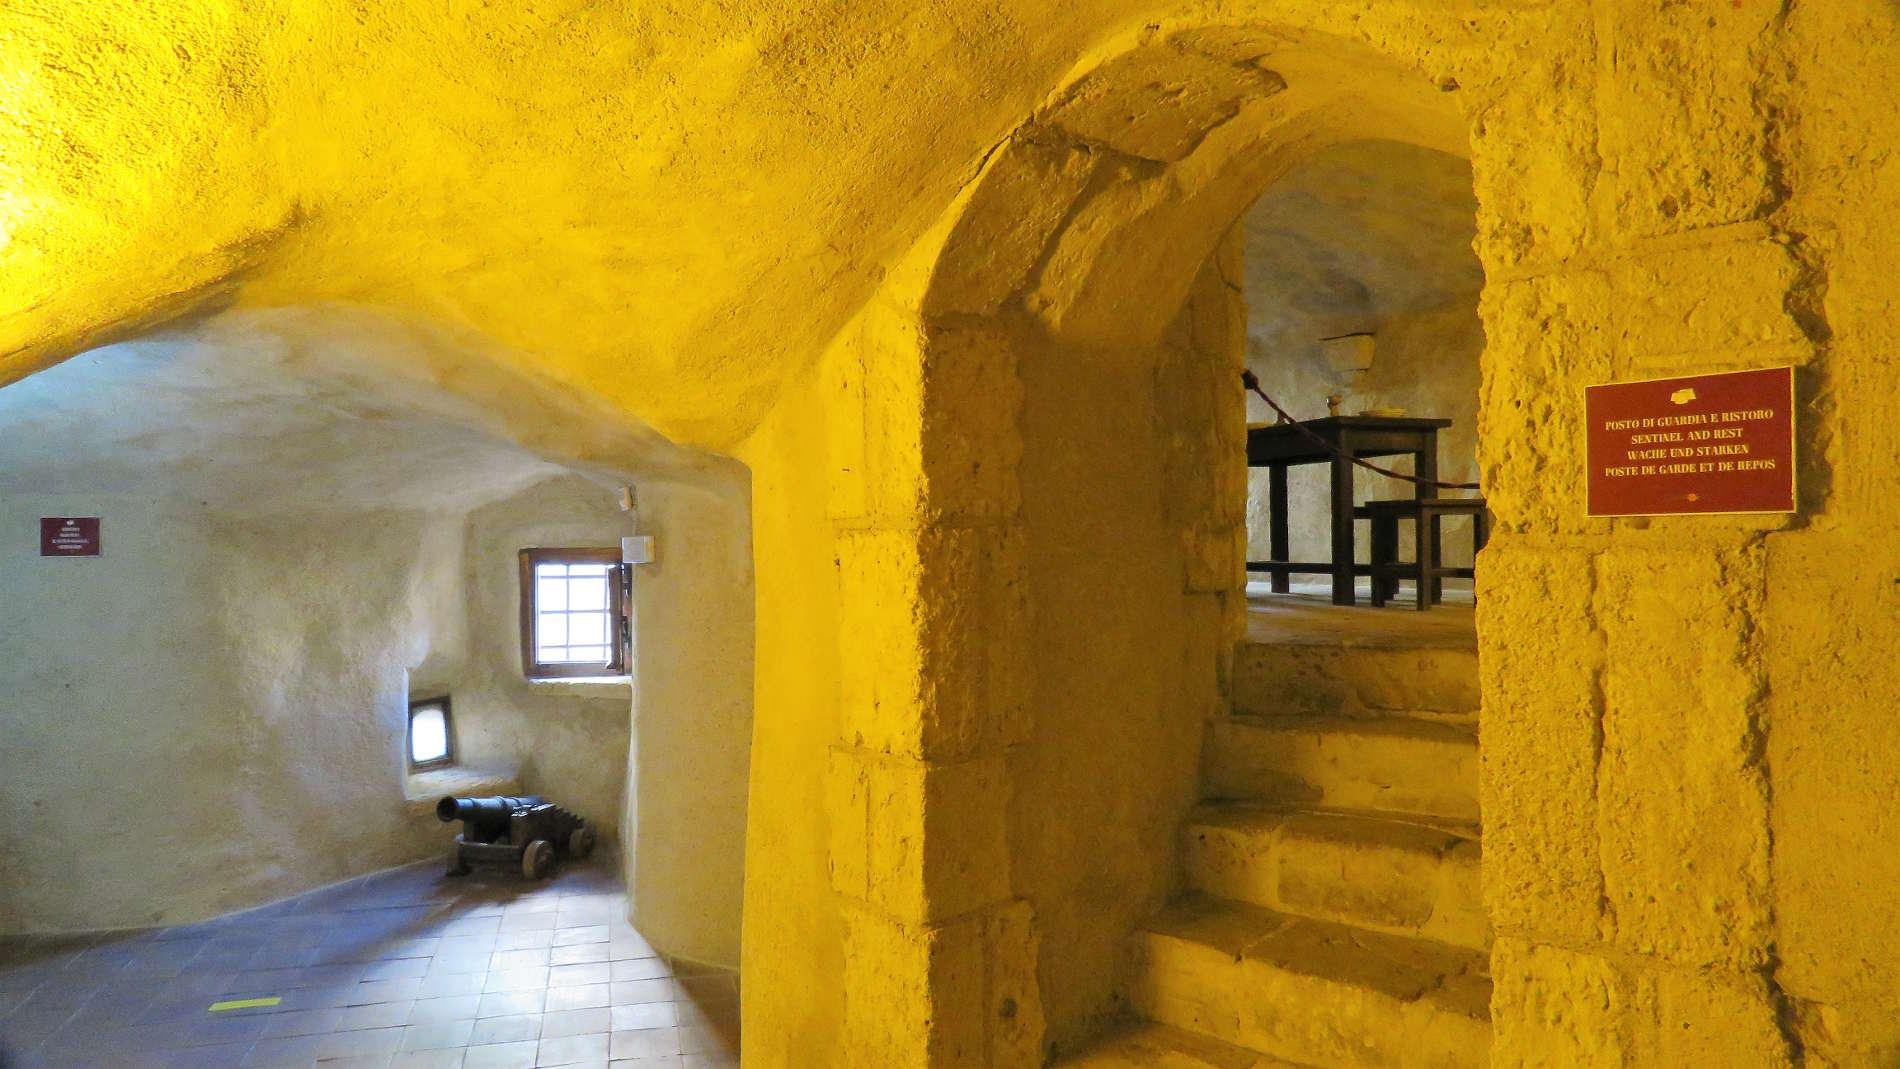 Interni del Castello Aragonese di Pizzo Calabro dedicato a Gioacchino Murat